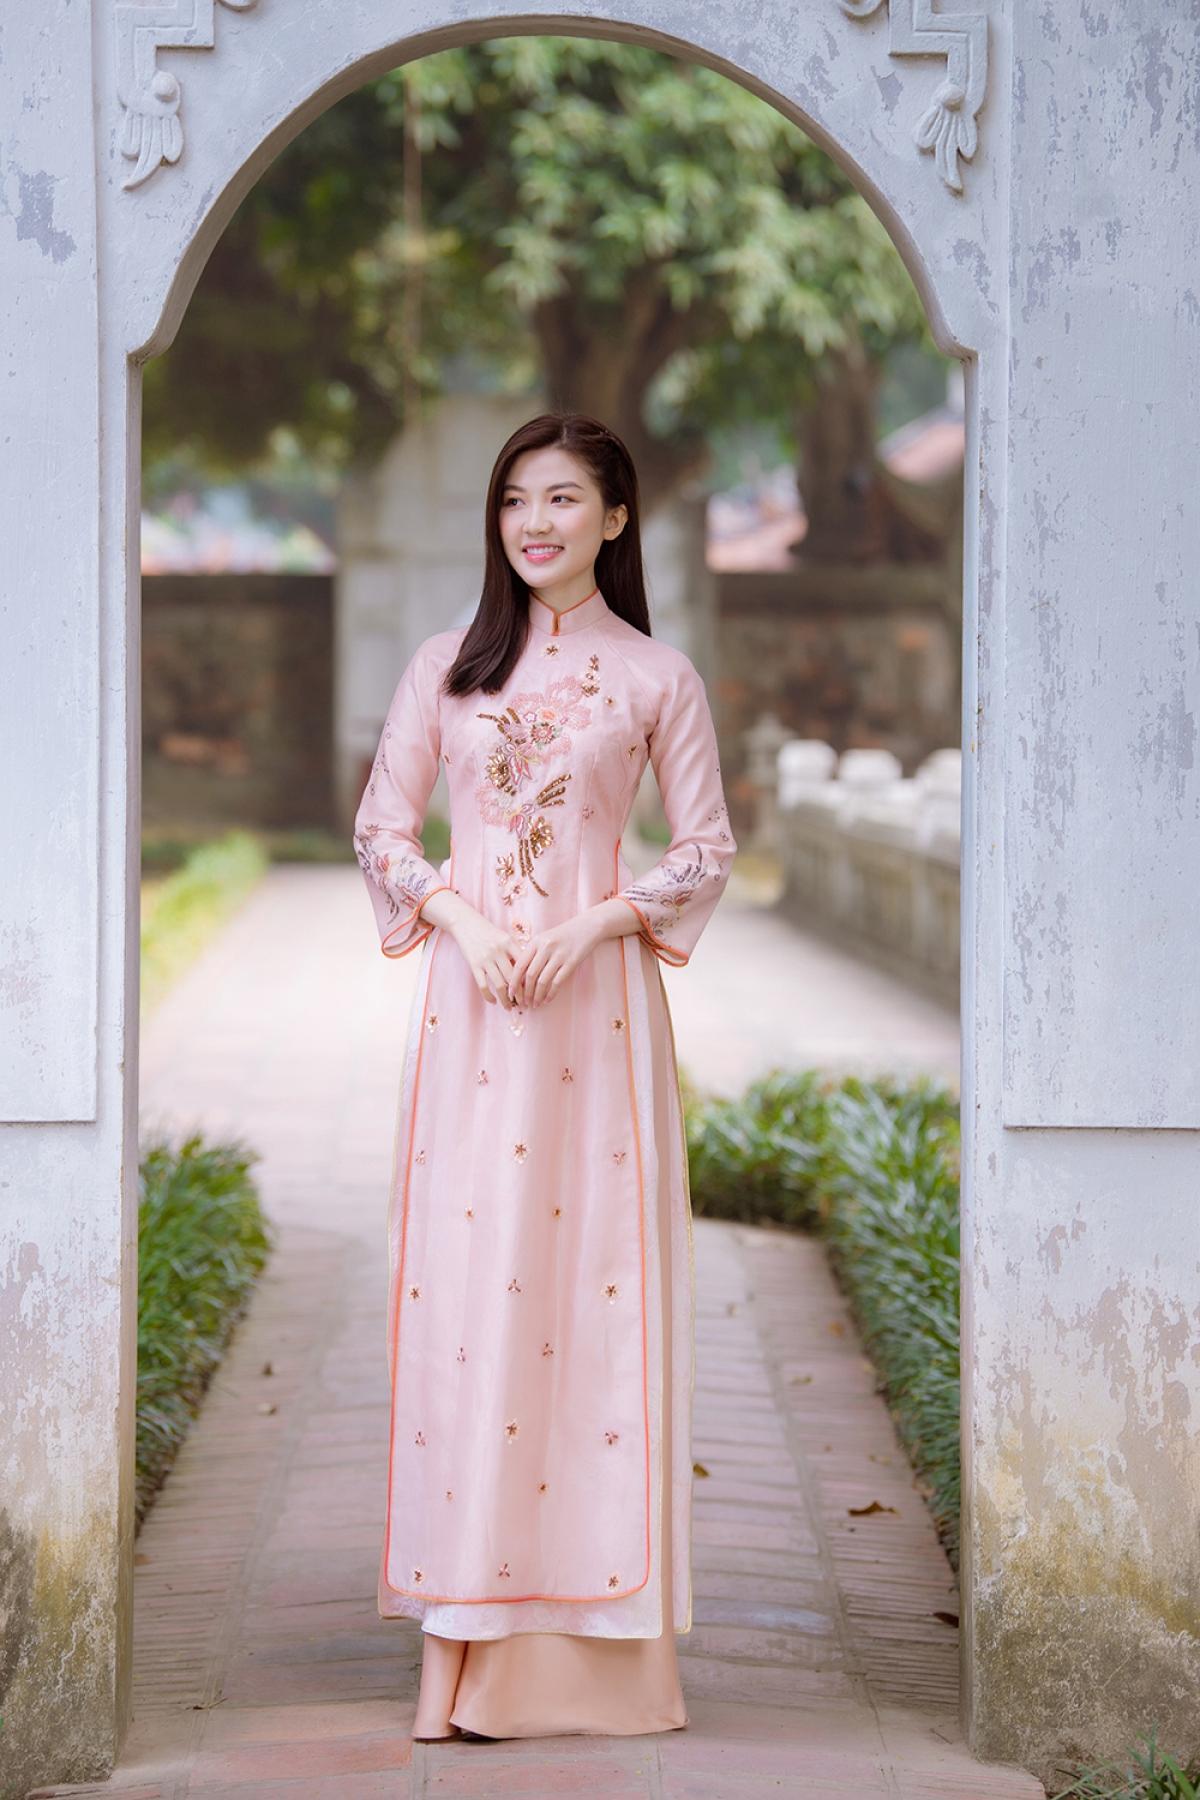 Trong loạt hình mới,Lương Thanh thả dáng dịu dàng trong các trang phục áo dài với các kiểu dáng, màu sắc rất nổi bật và độc đáo.